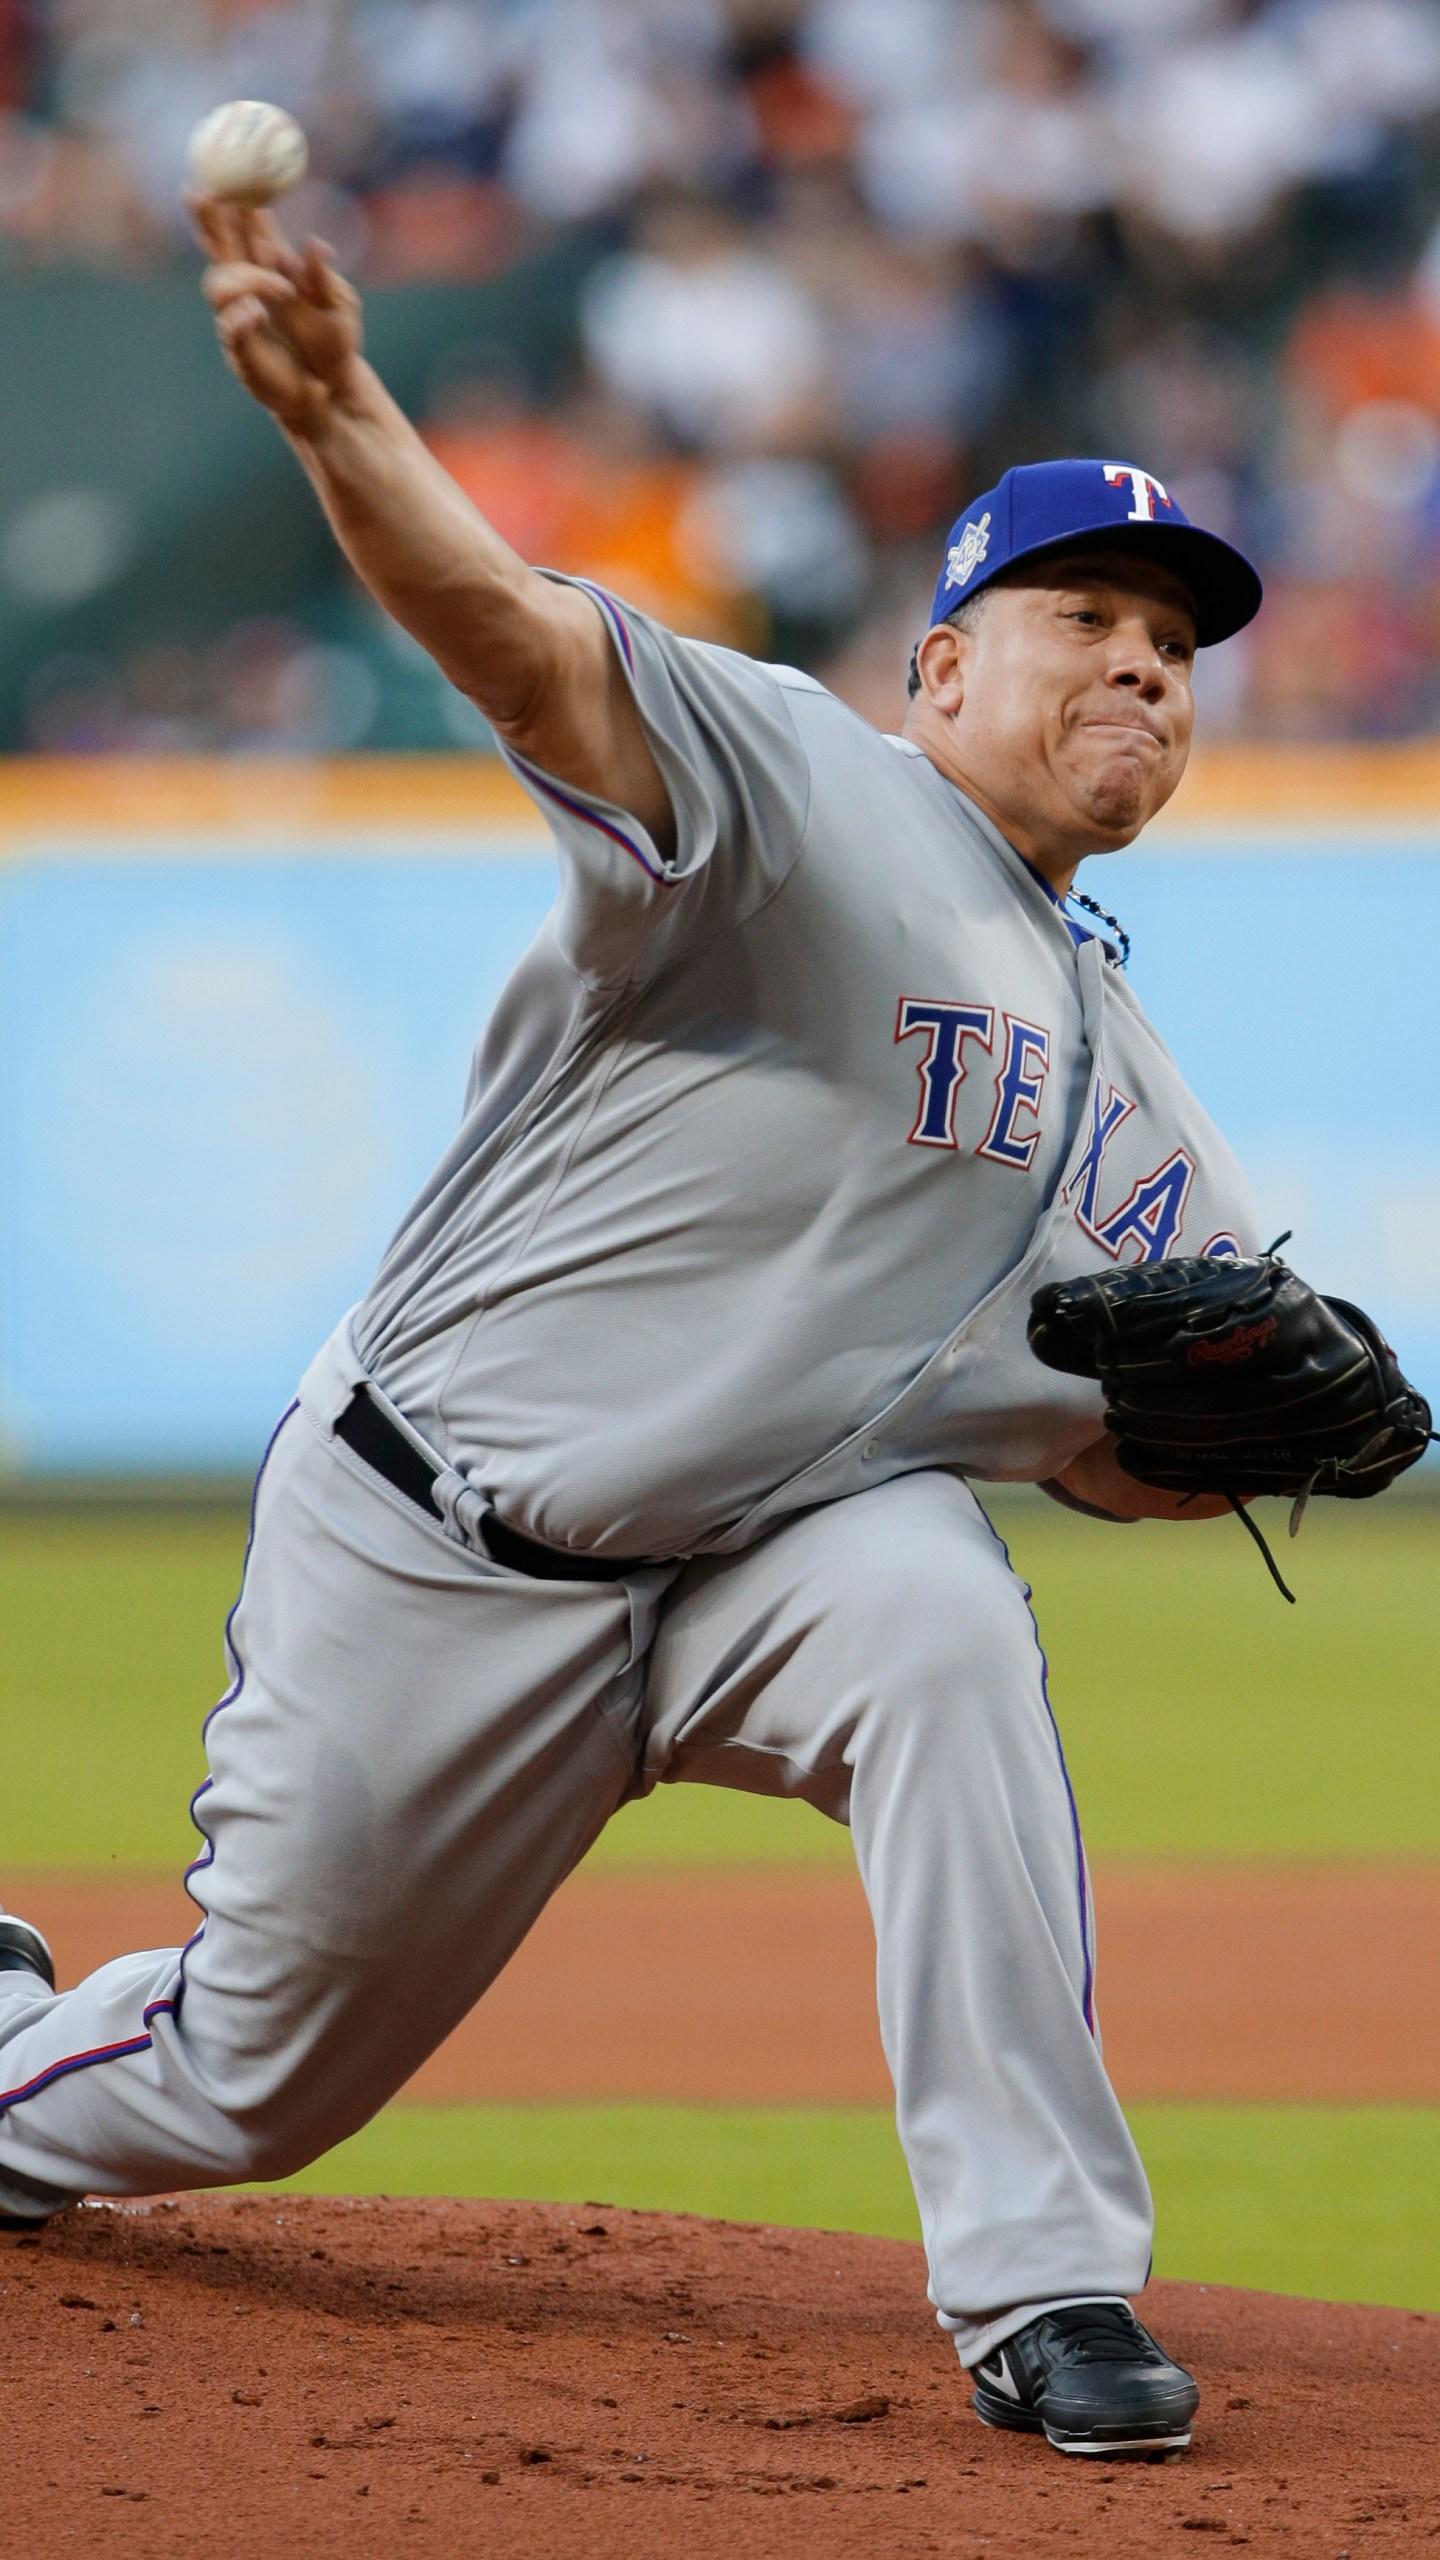 Rangers Astros Baseball_1523847311970